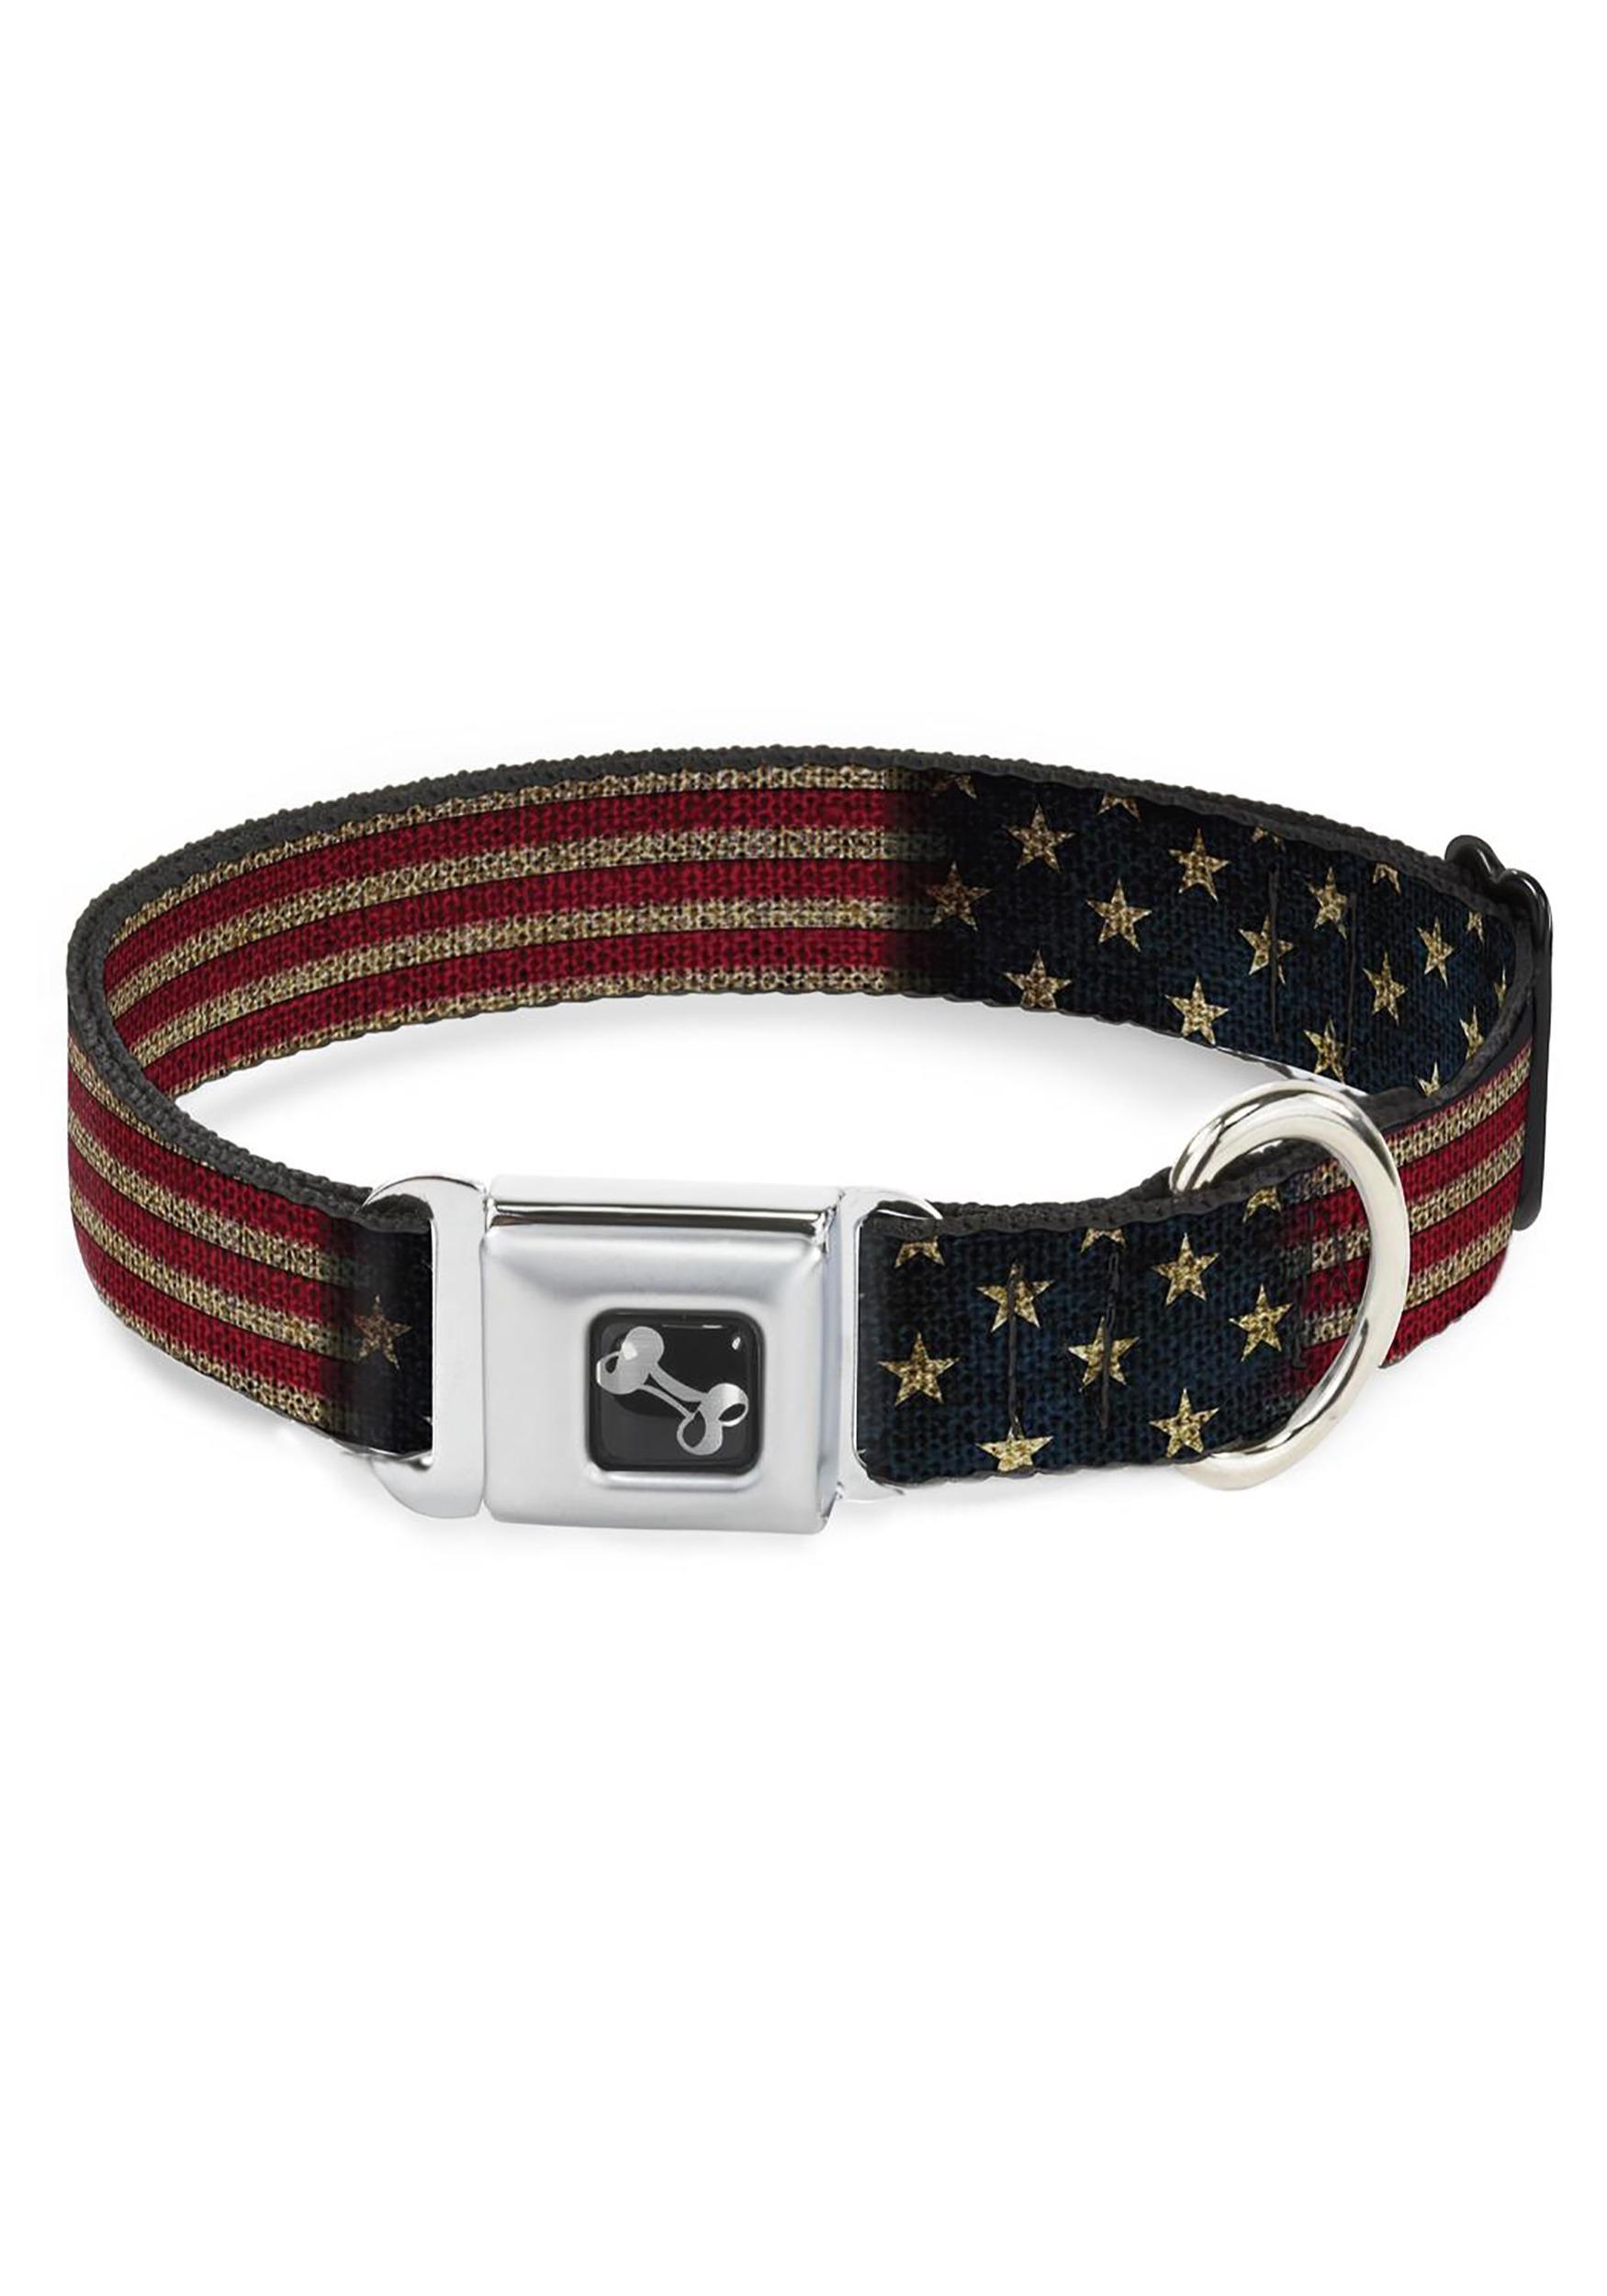 Vintage_US_Flag_Seatbelt_Buckle_Dog_Collar_1_Wide